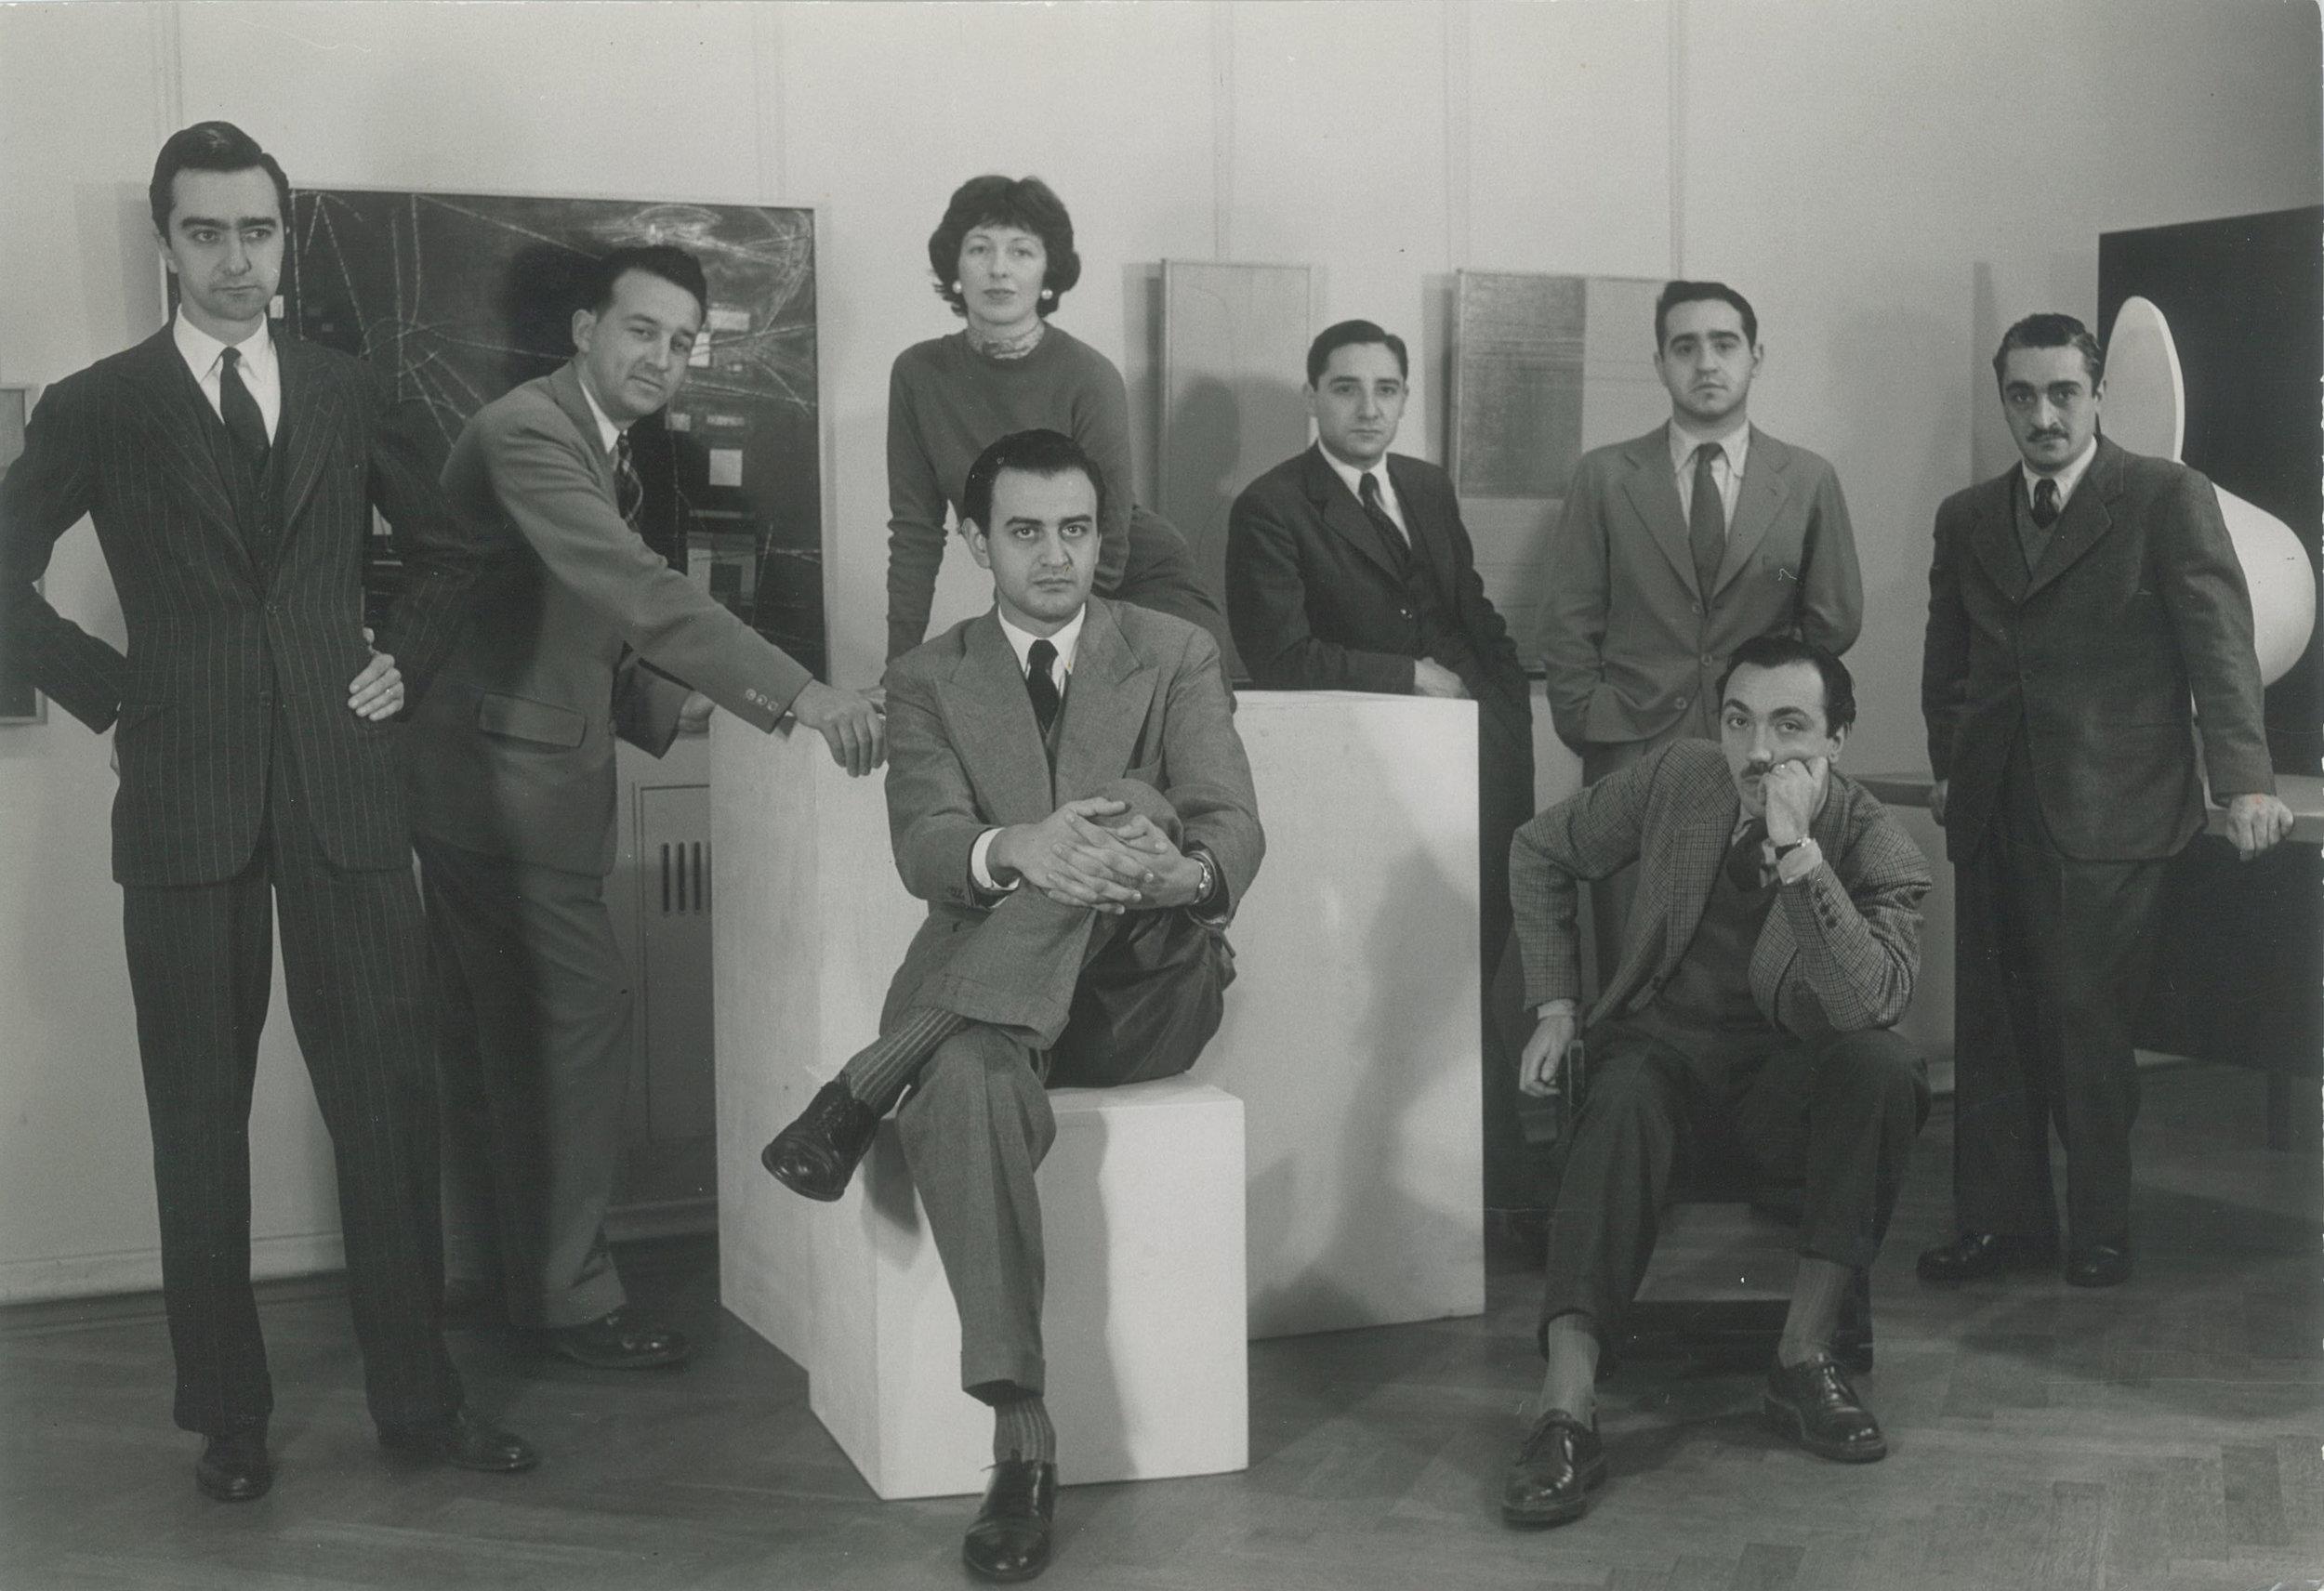 Exhibition  Grupo de artistas modernos   (GAMA)  at Galería Viau, Buenos Aires, 1955.  From left to right: Miguel Ocampo, Hans Aebi, Sarah Grilo, Tomás Maldonado, Alfredo Hlito, Enio Iommi, José Antonio Fernández-Muro and Claudio Girola.  Photo: © A.Migone